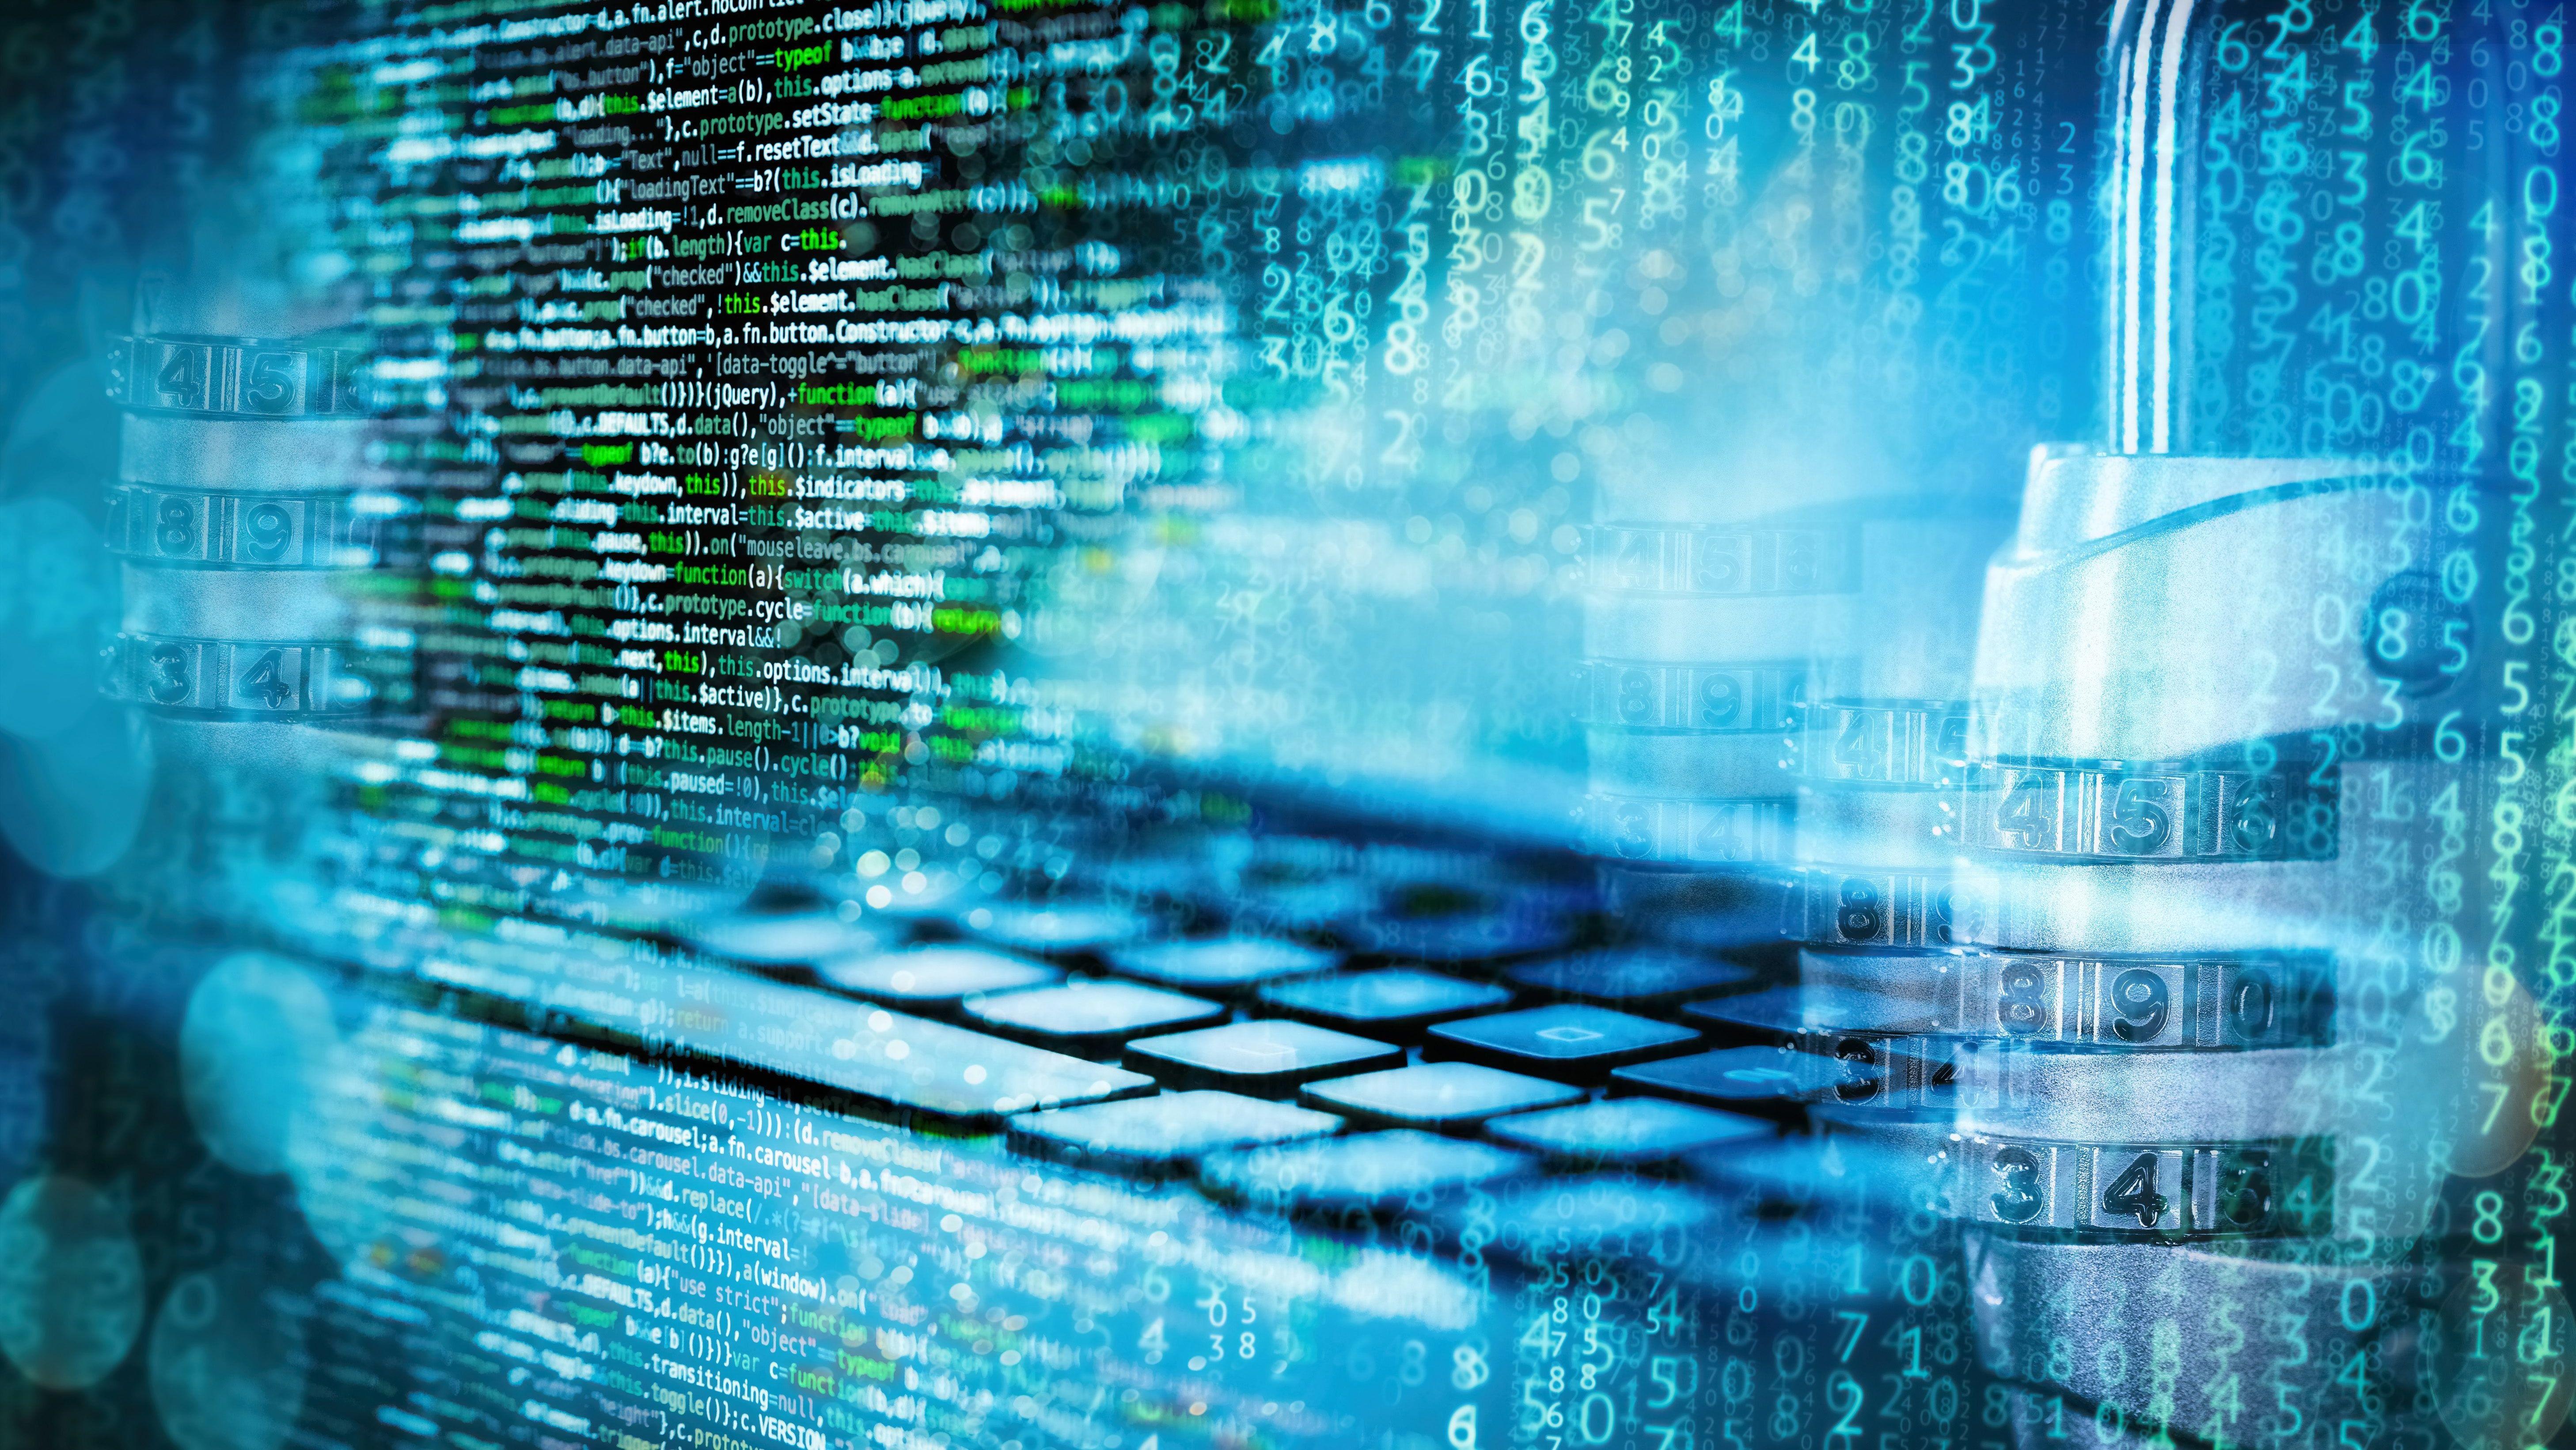 Programmiercode mit Zahlenschloss, Matrix, Computer und abstraktem technischen Hintergrund in blau